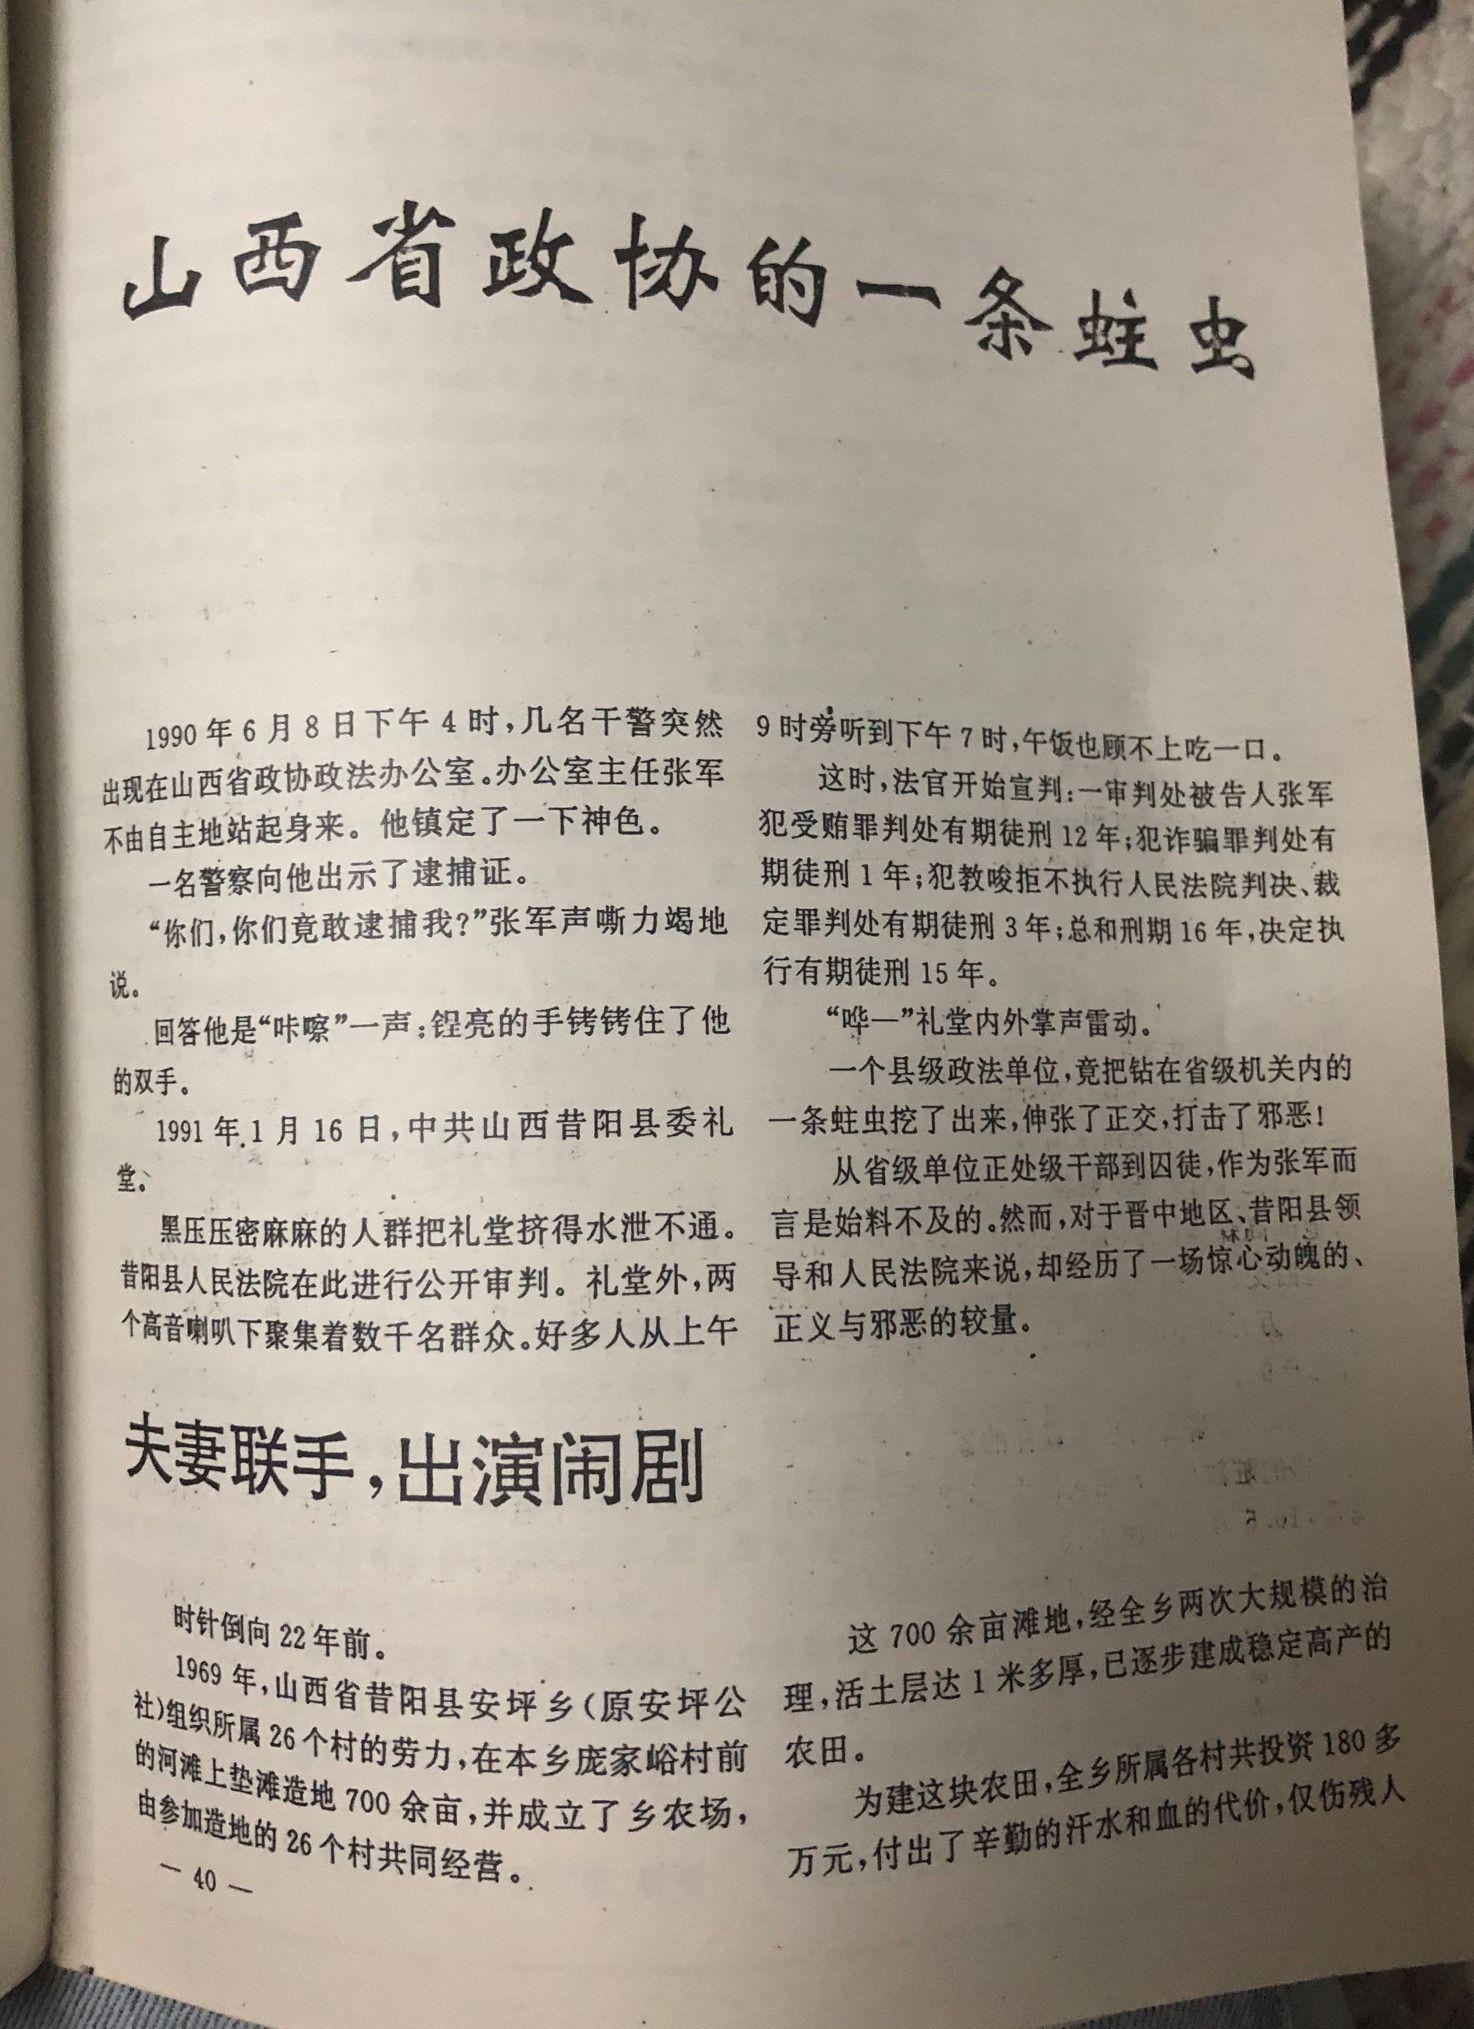 张军被判刑后,多家媒体对案件进行了报道。王翀鹏程摄